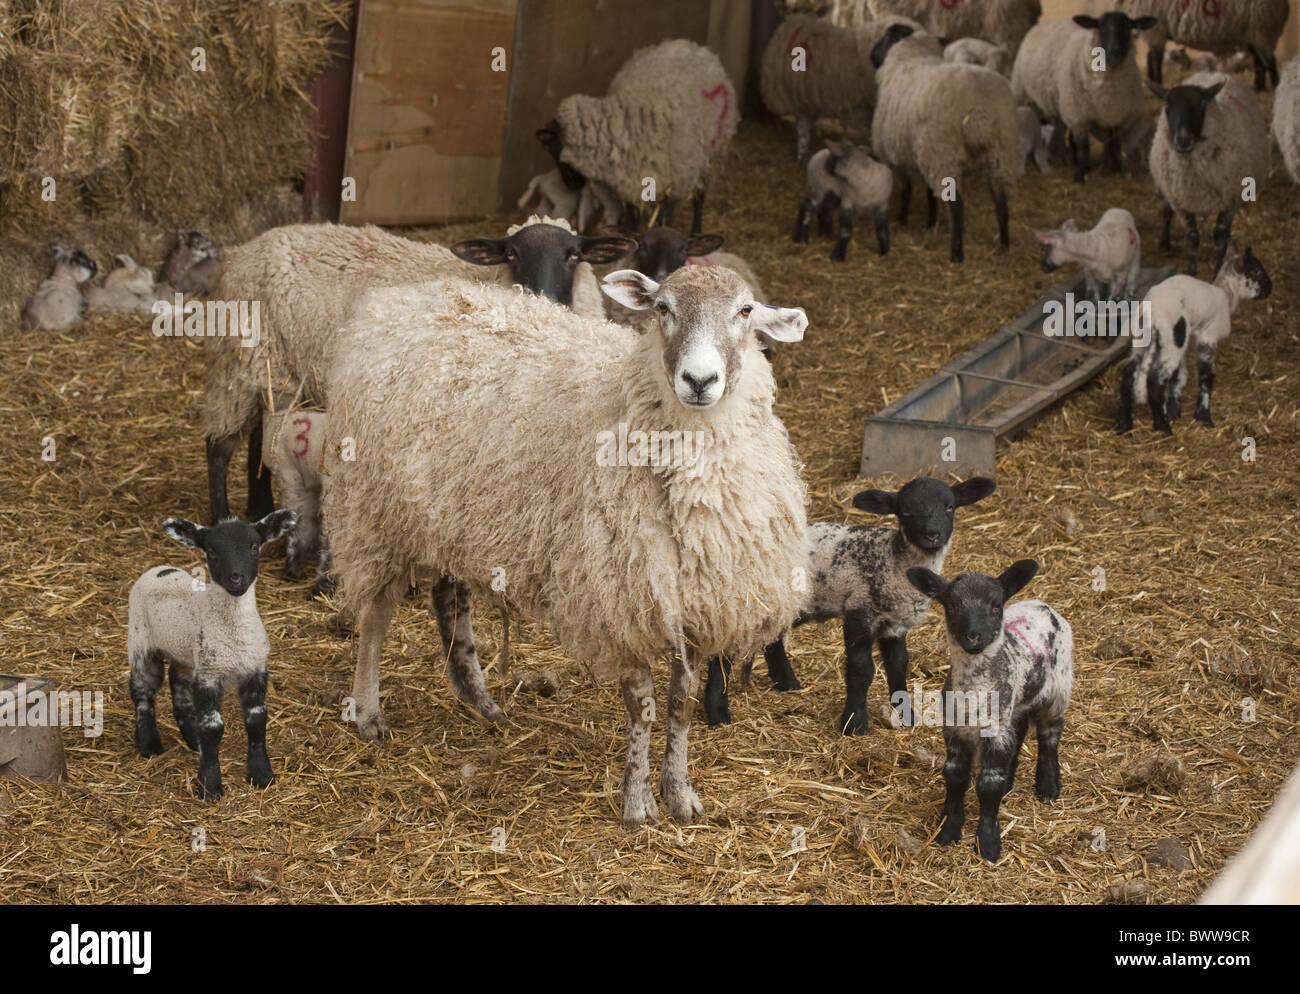 ewes lambing lambs sheep sheep domestic farm farms farming hoofed